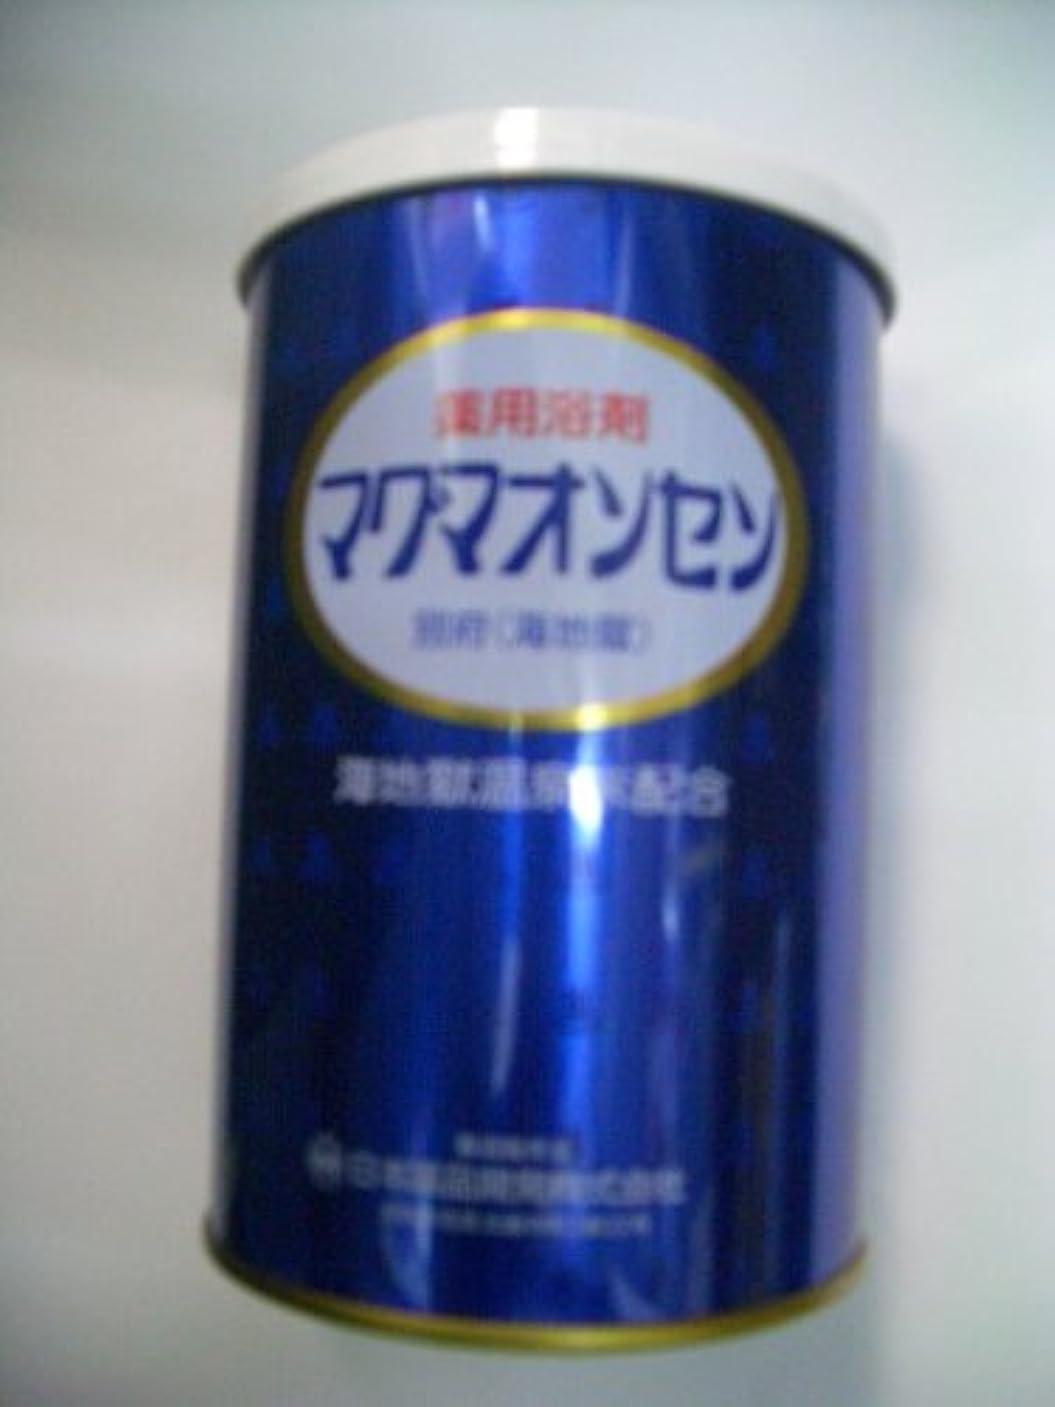 ステンレス集中製造別府温泉【マグマオンセン温泉】(海地獄)缶入500g 6個